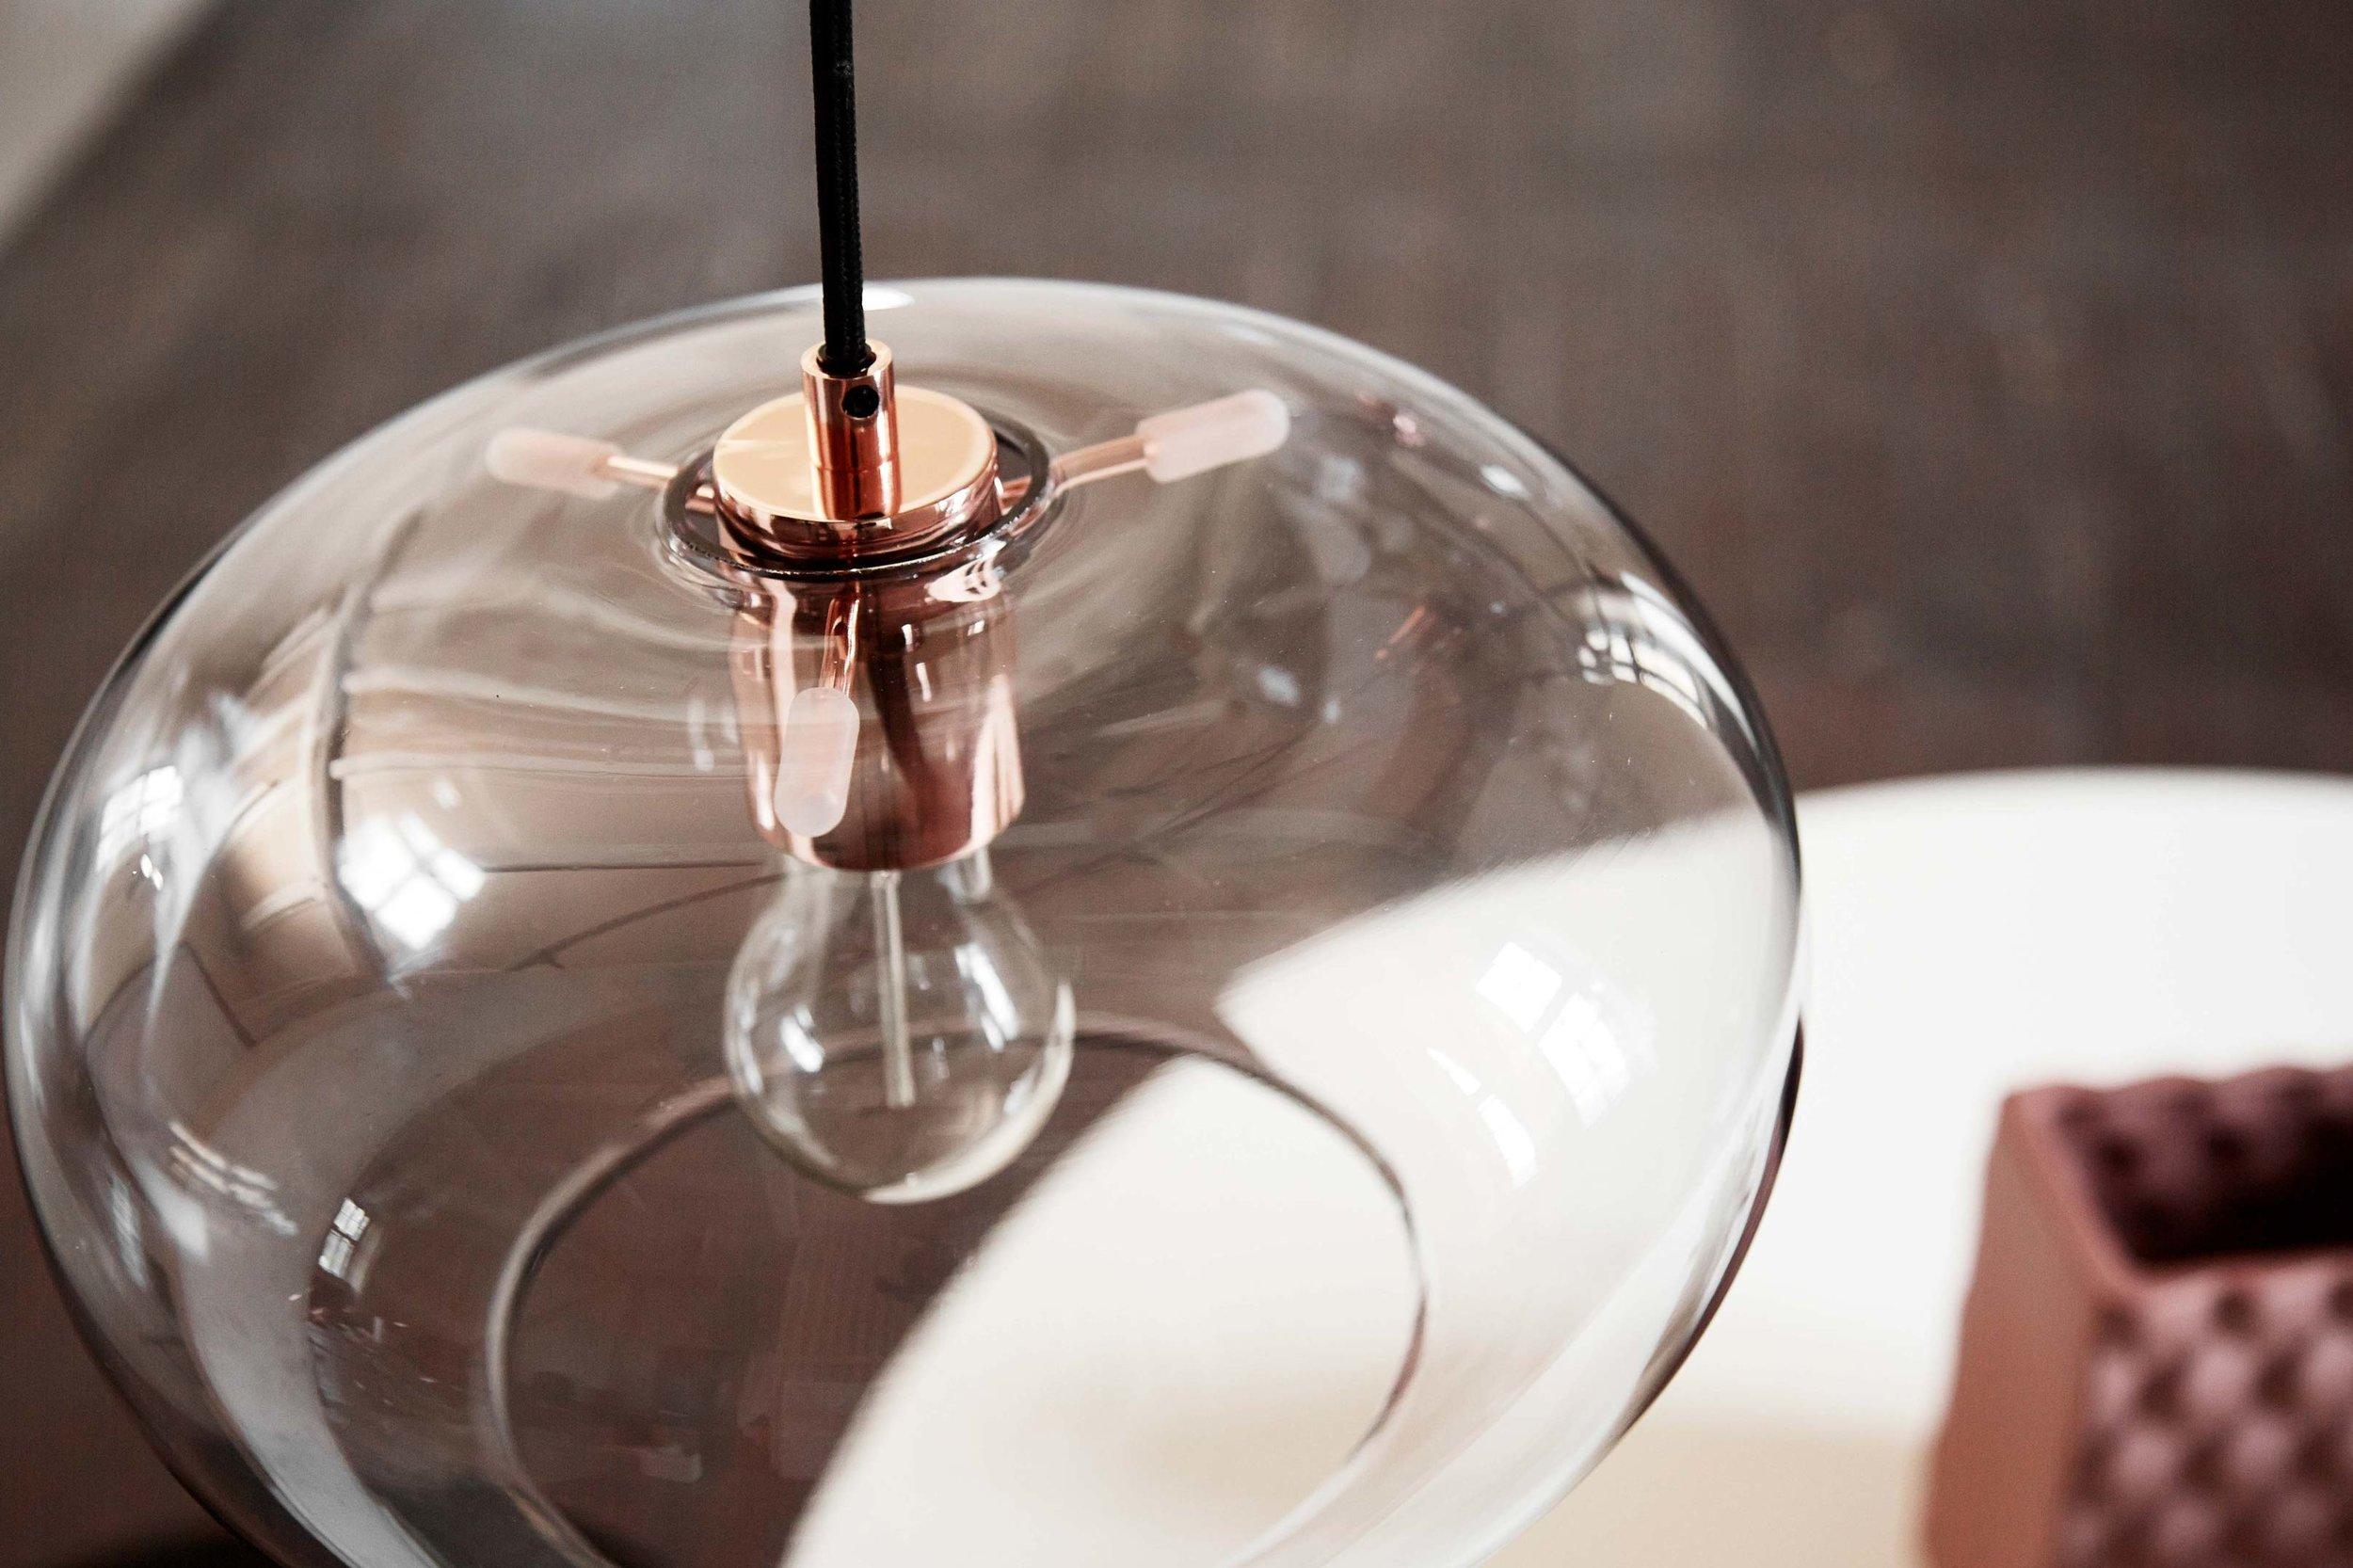 Kobe-pendant-rose-glass-copper-socket---lifestyle-closeup-Arsenalgaarden-1299_V1.jpg